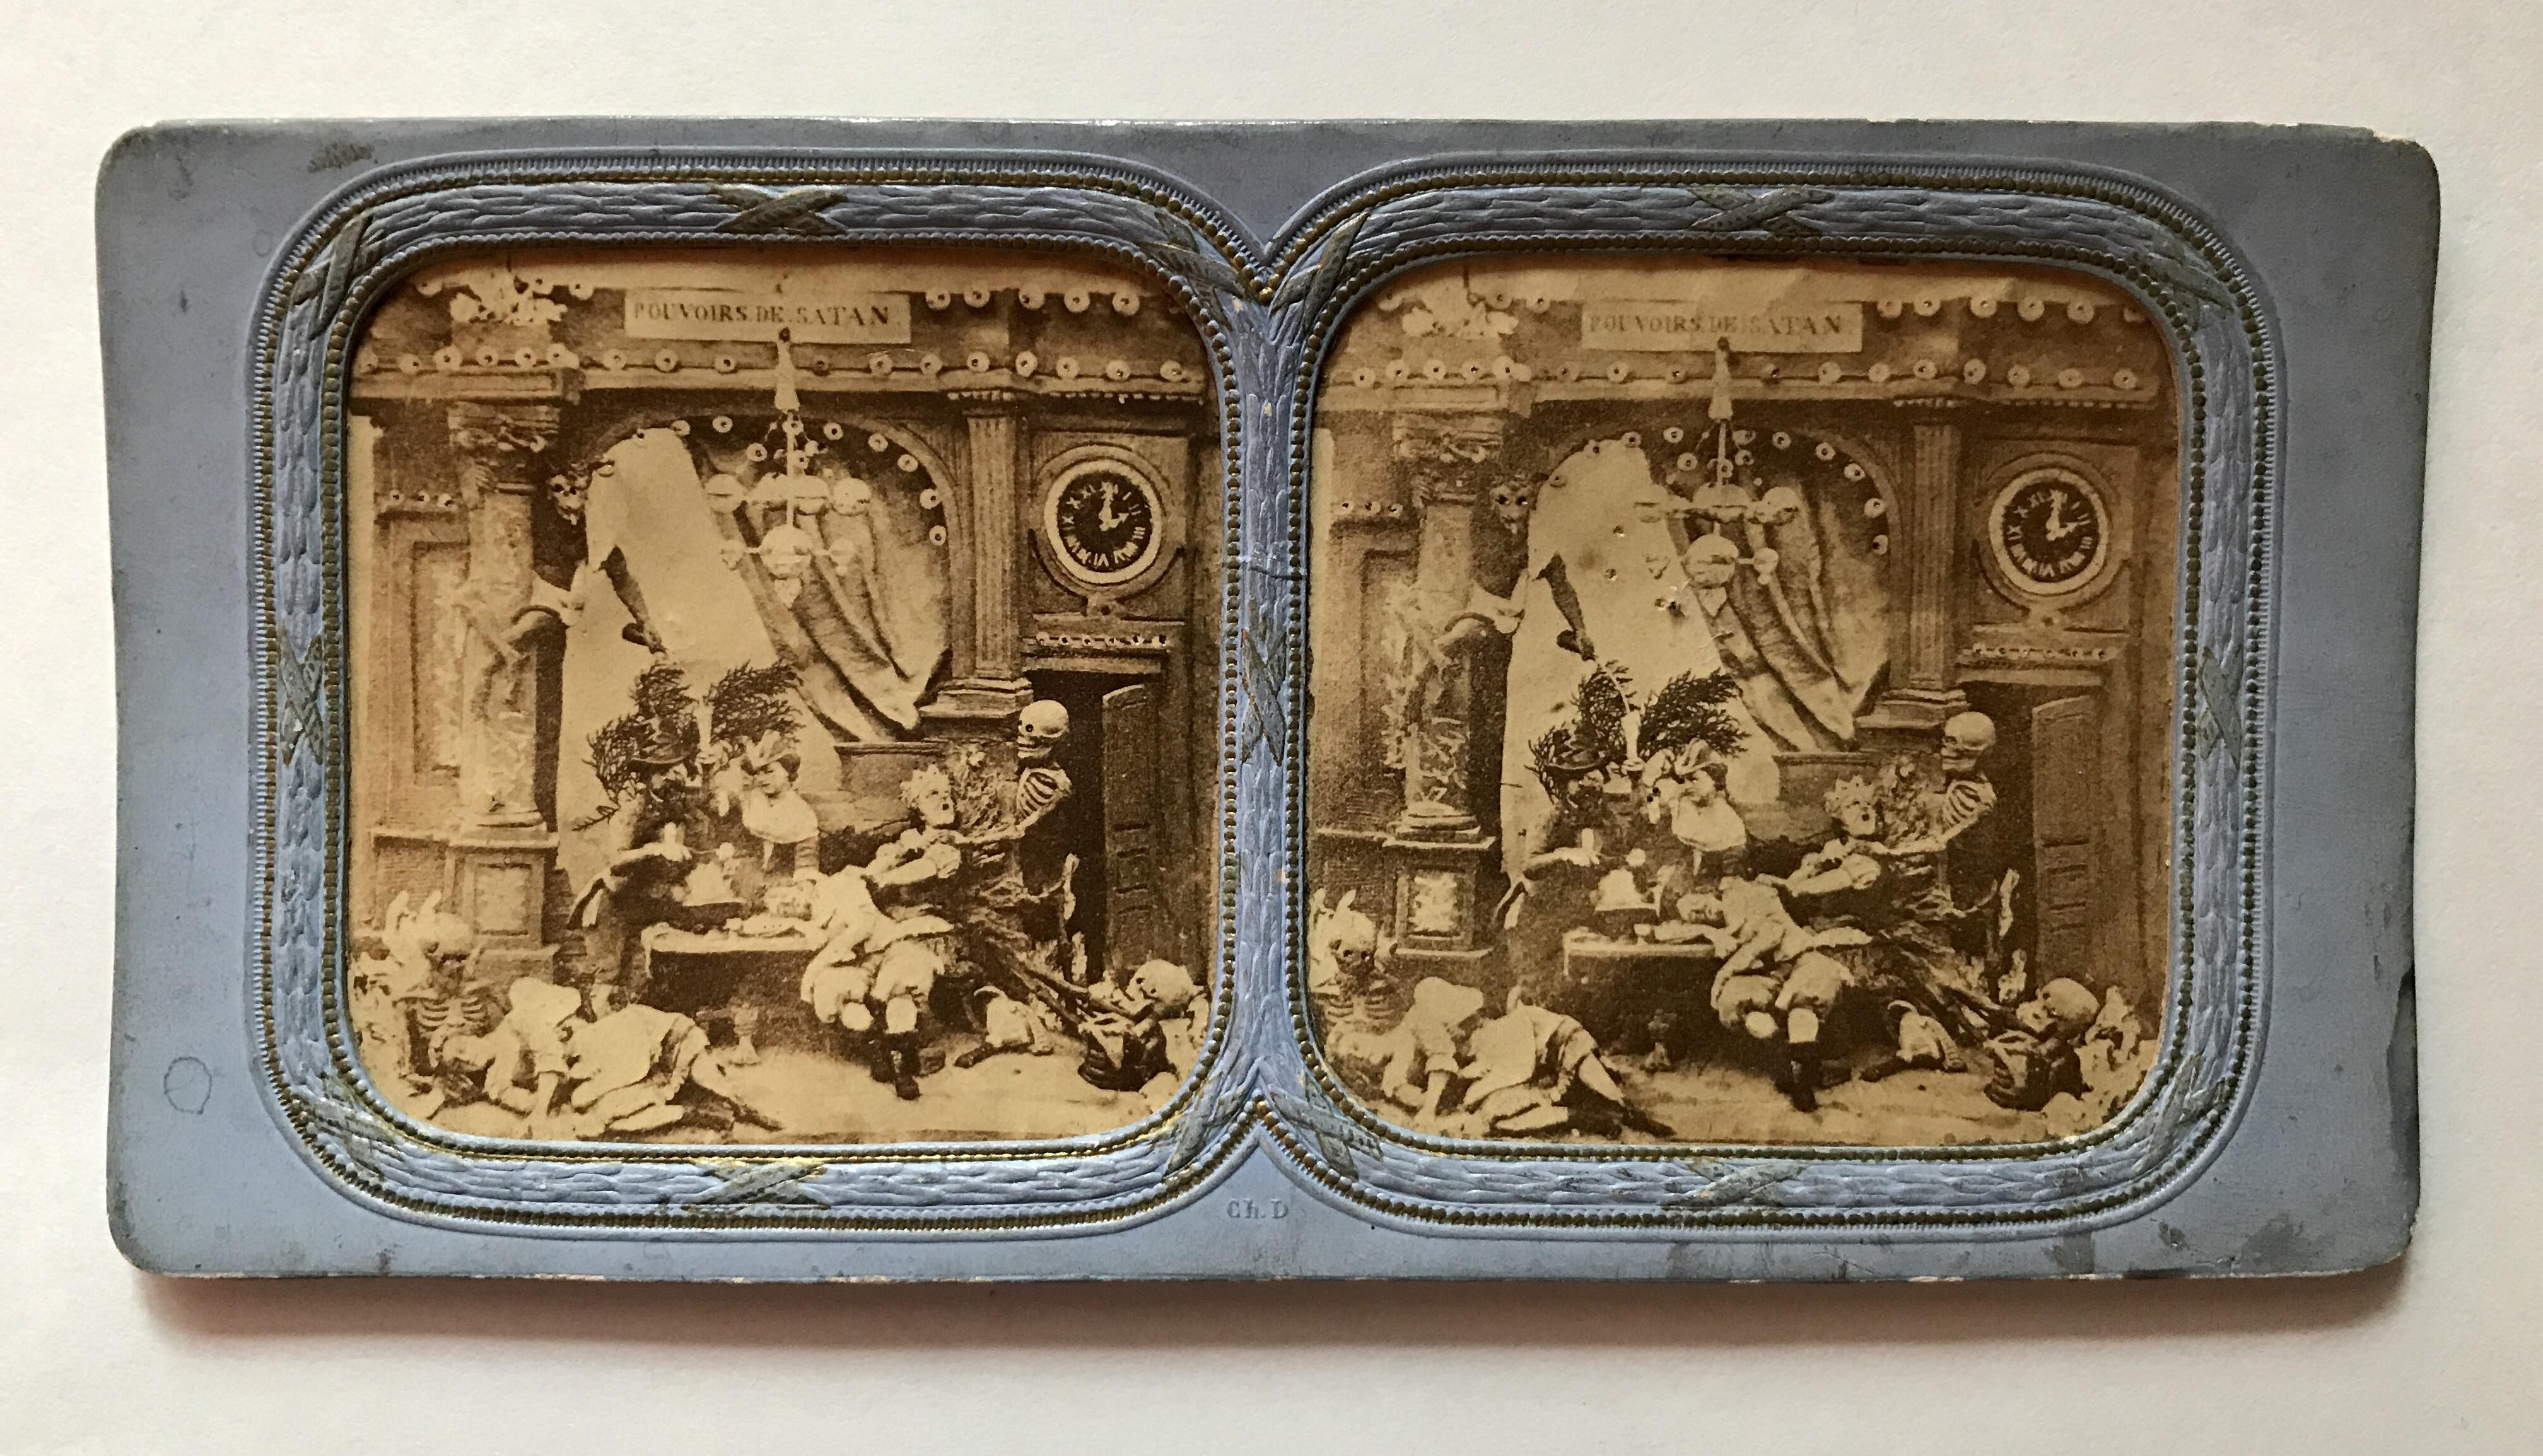 Les Diableries: Pouvoirs De Satan (Satan's Powers). Hartzman Collection.